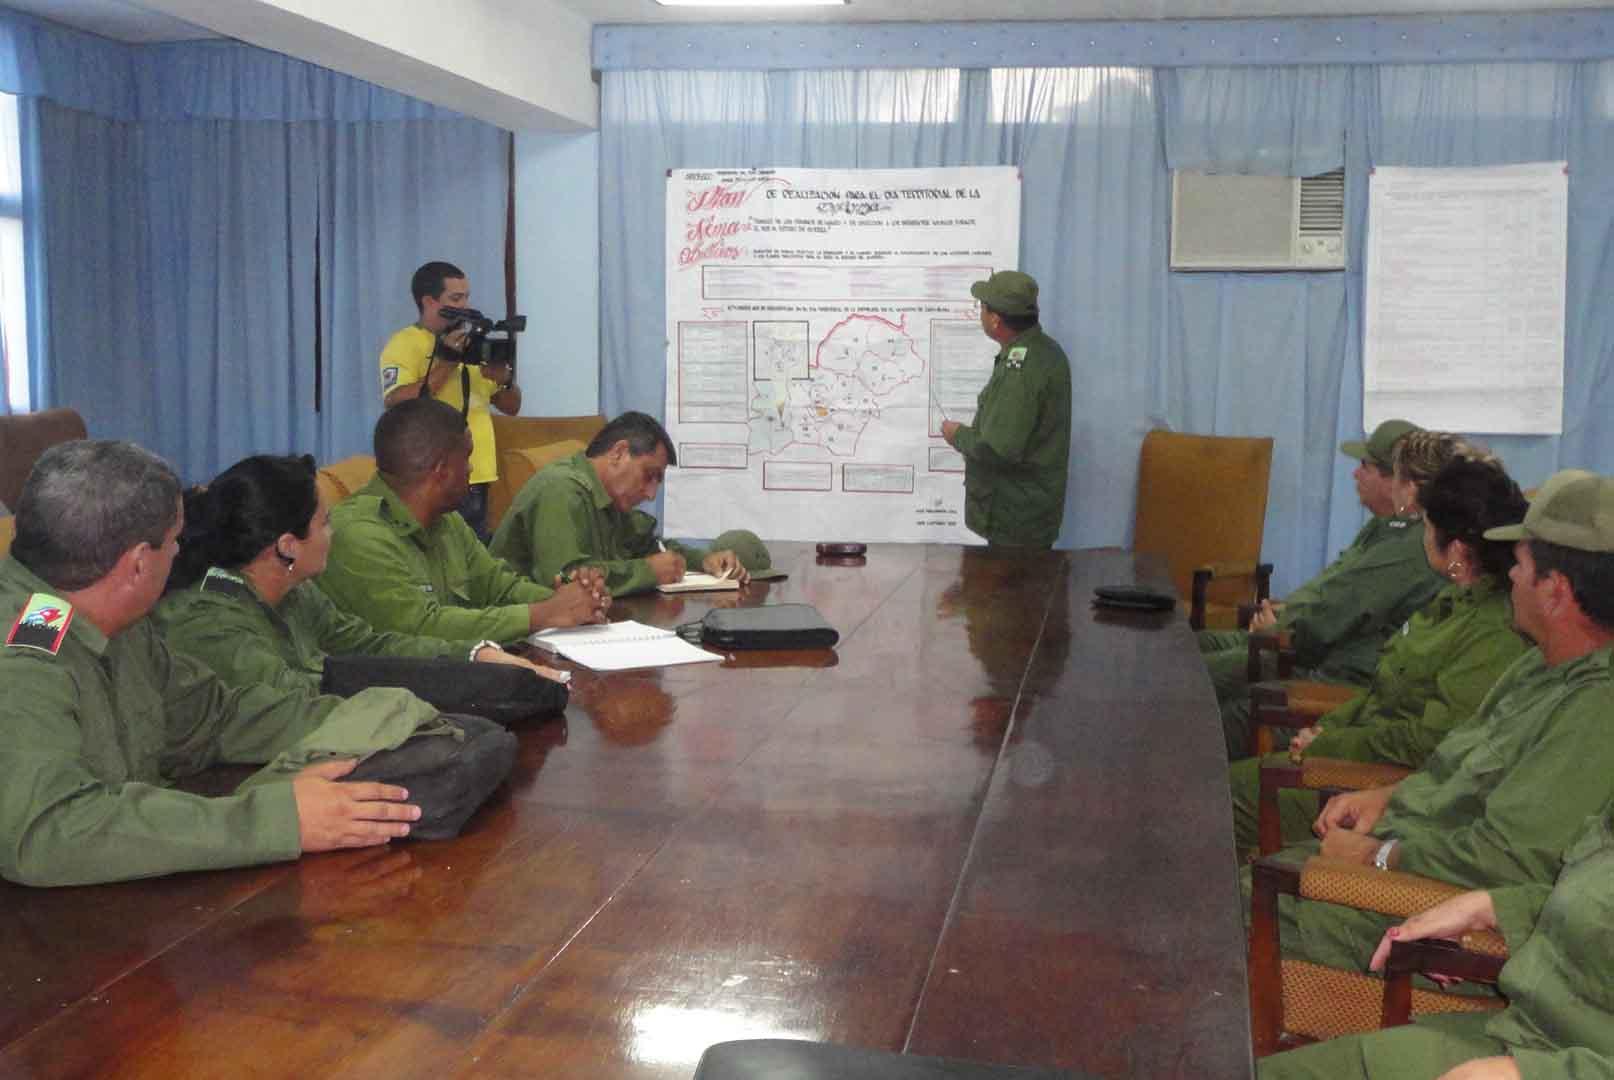 El Consejo de Defensa de Cabaiguán informó a su homólogo de la provincia acerca de las principales misiones de la jornada de preparación. (Foto Luis Herrera / Escambray)